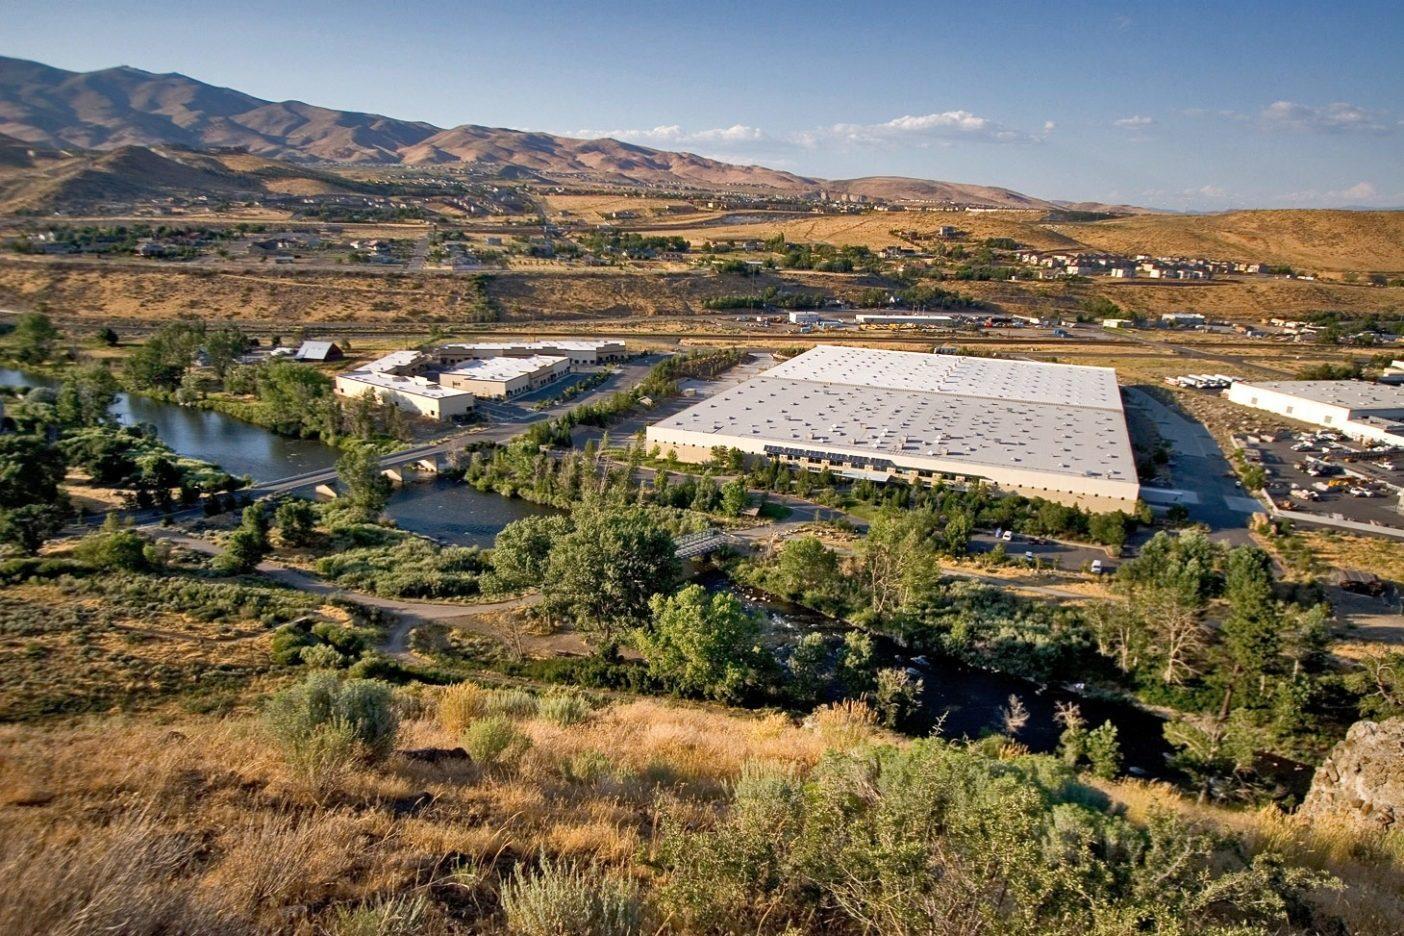 リノの配送センターと修理施設を見下ろす。トラッキー・リバーから歩いてすぐの場所にあるこれらの施設は、ビルの裏にある多数のトレイル・システムへのアクセスにも便利。遠くに望むのはピーバイン・ピークの山麓。ネバダ州リノ Photo: Tim Davis